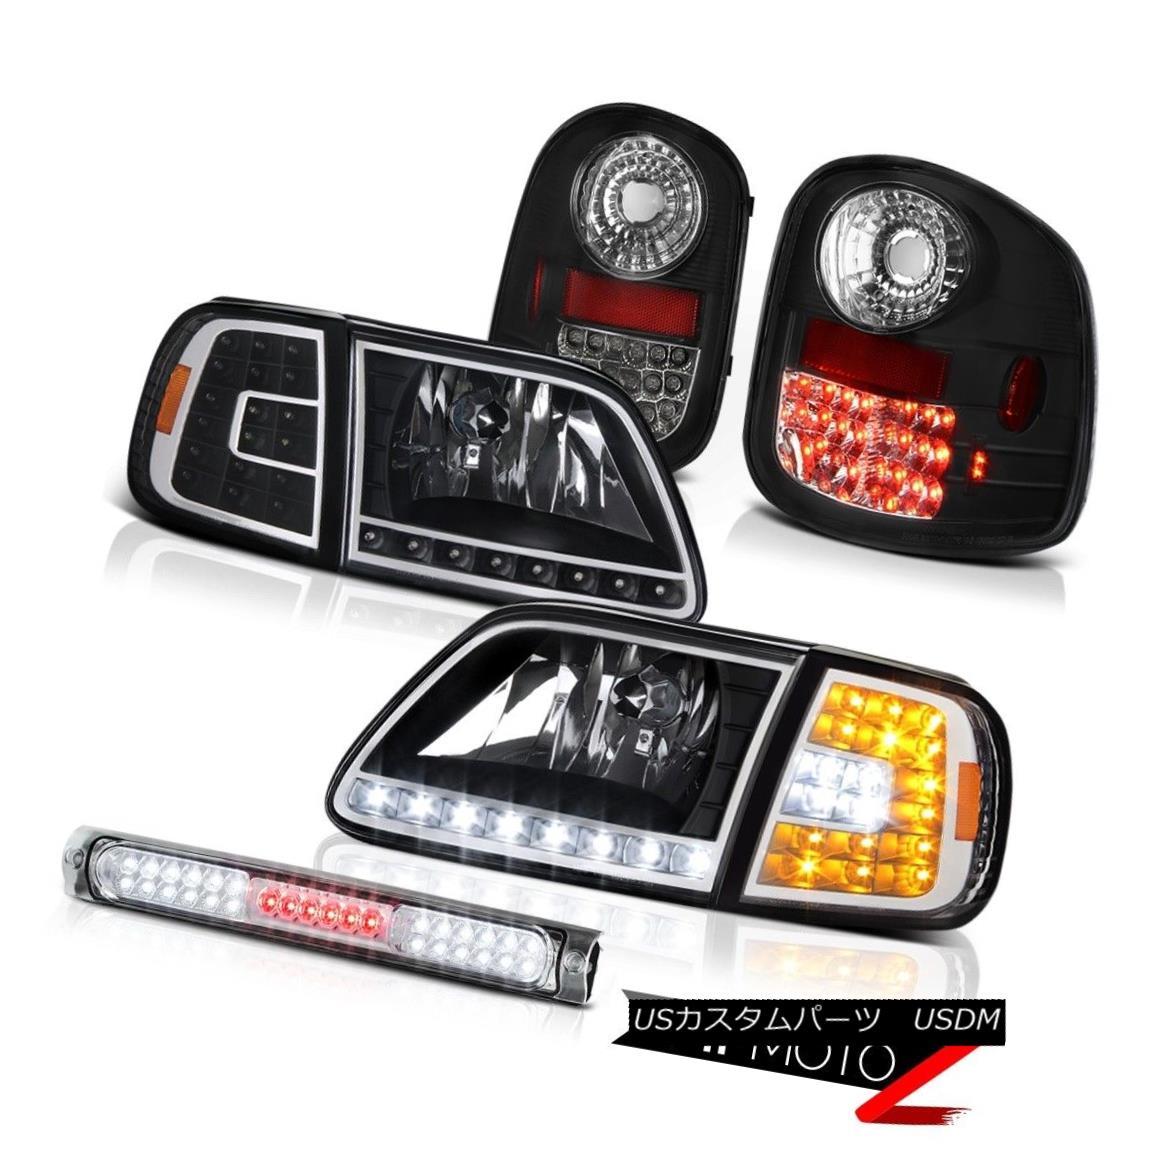 ヘッドライト LED Corner+Headlights Black Taillamps Third Brake Cargo 1997-2003 F150 Hertiage LEDコーナー+ヘッドライト はブラックタイランプスを第3ブレーキカーゴ1997-2003 F150 Heritage